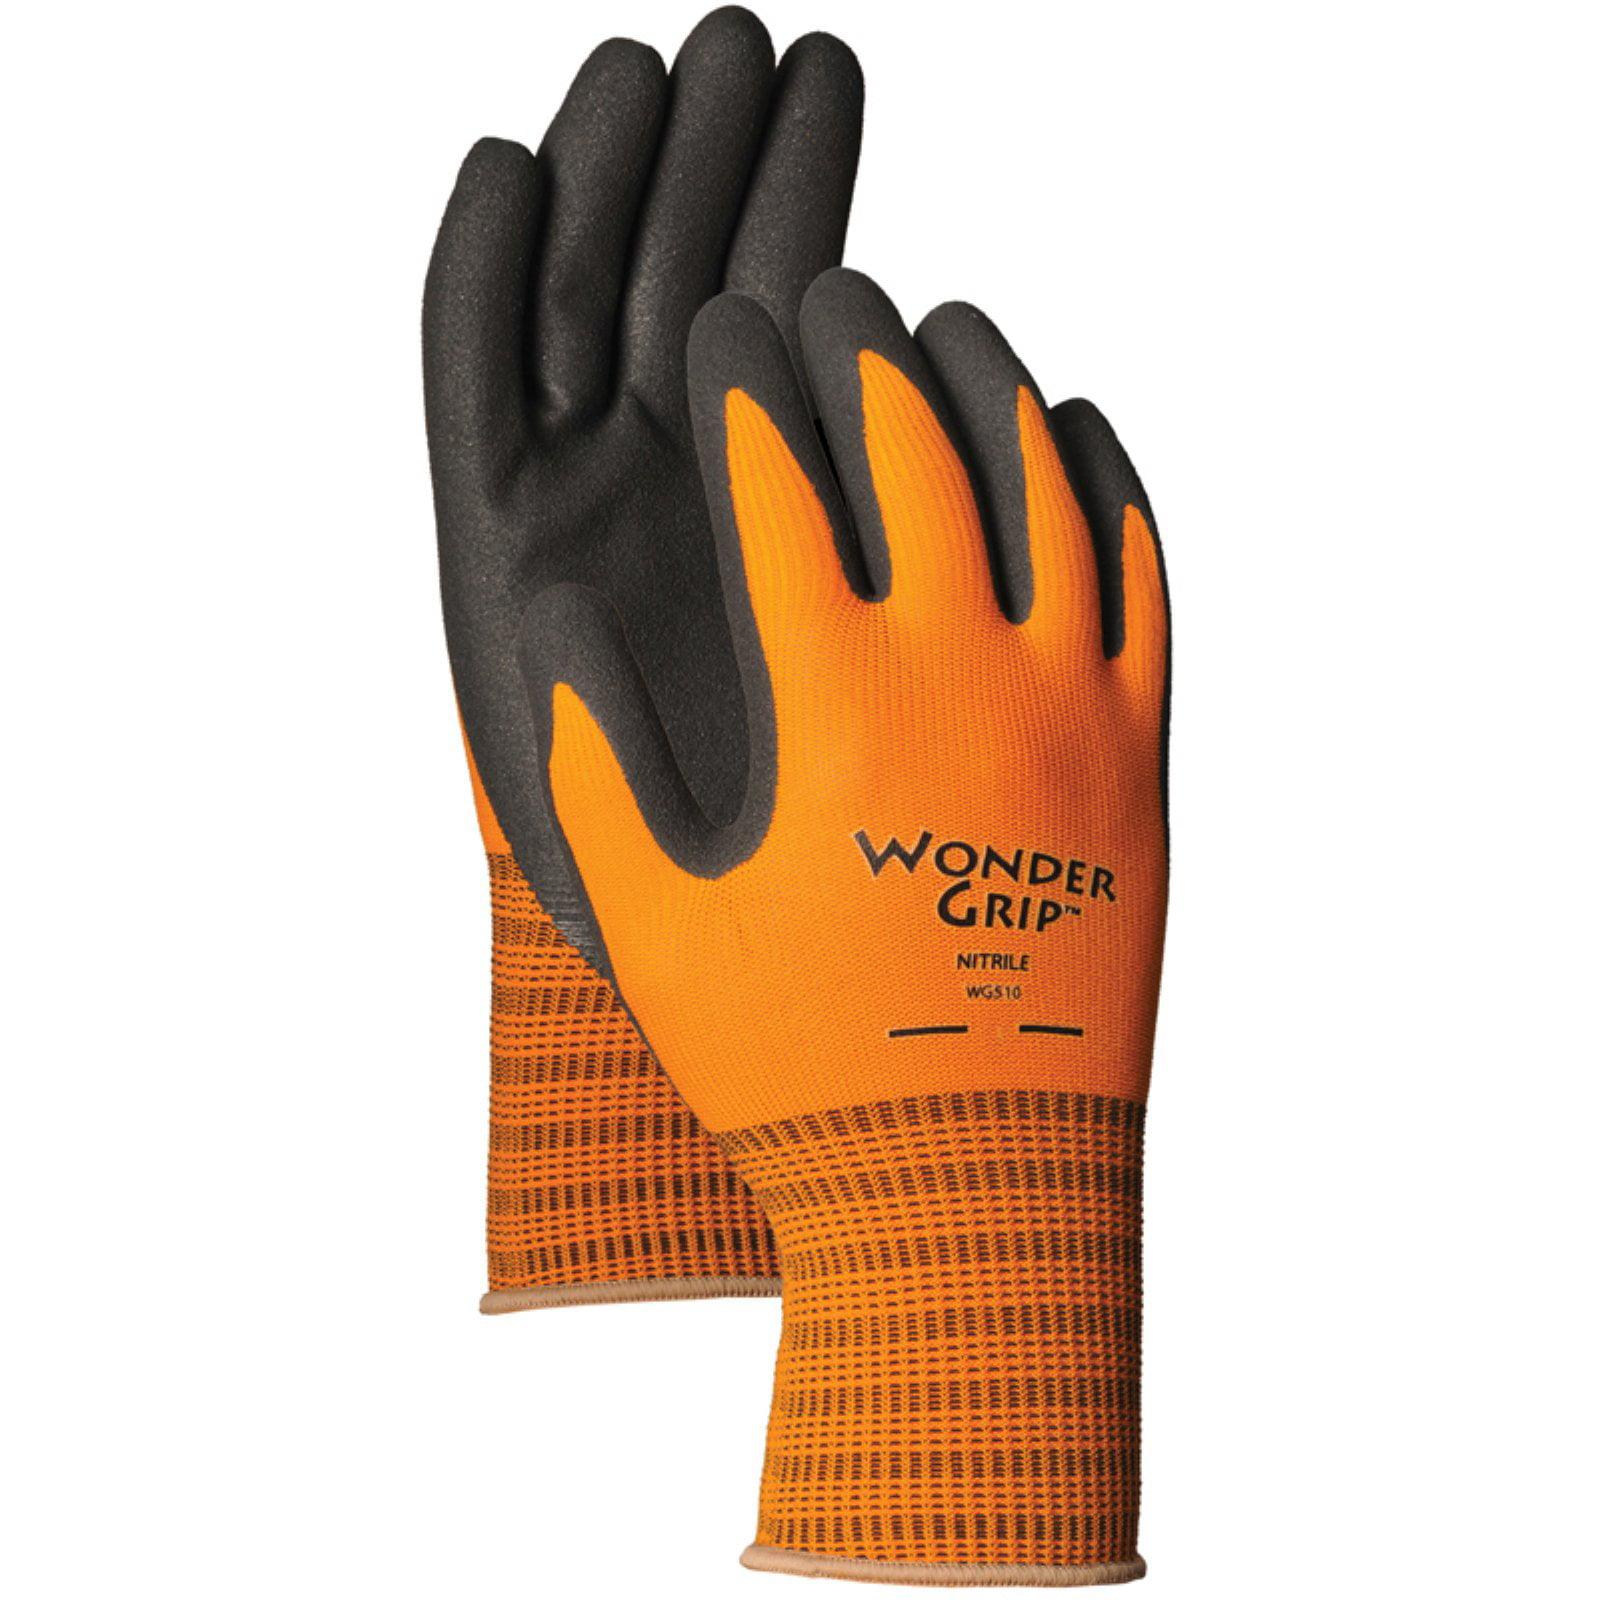 LFS Medium Sienna Wonder Grip Nitrile Palm Gloves